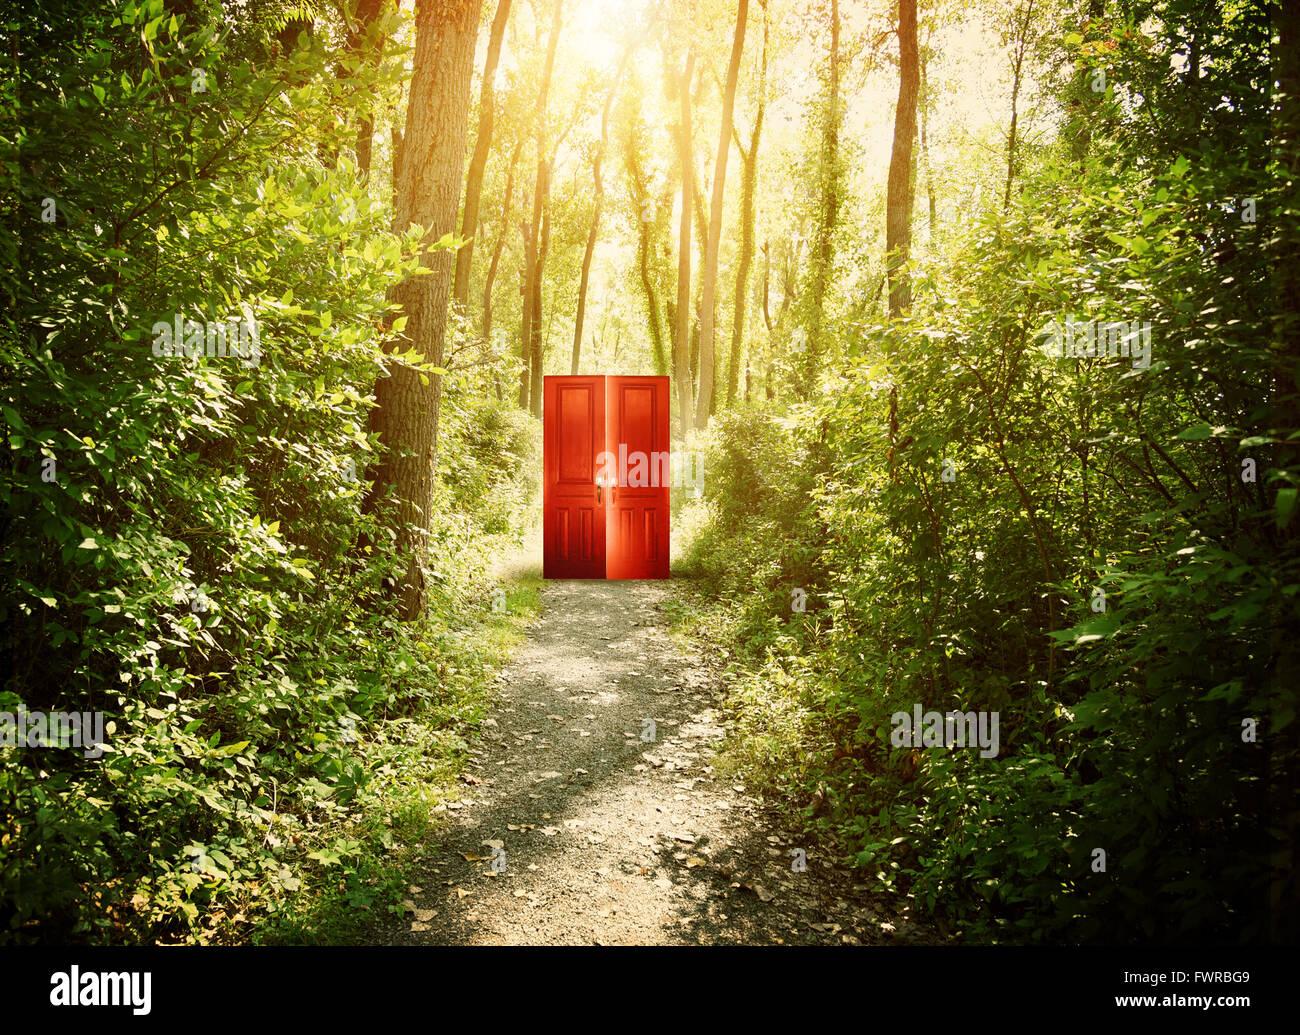 Una puerta roja es por un sendero en el bosque con árboles para un concepto conceptual acerca de la fe, la Imagen De Stock